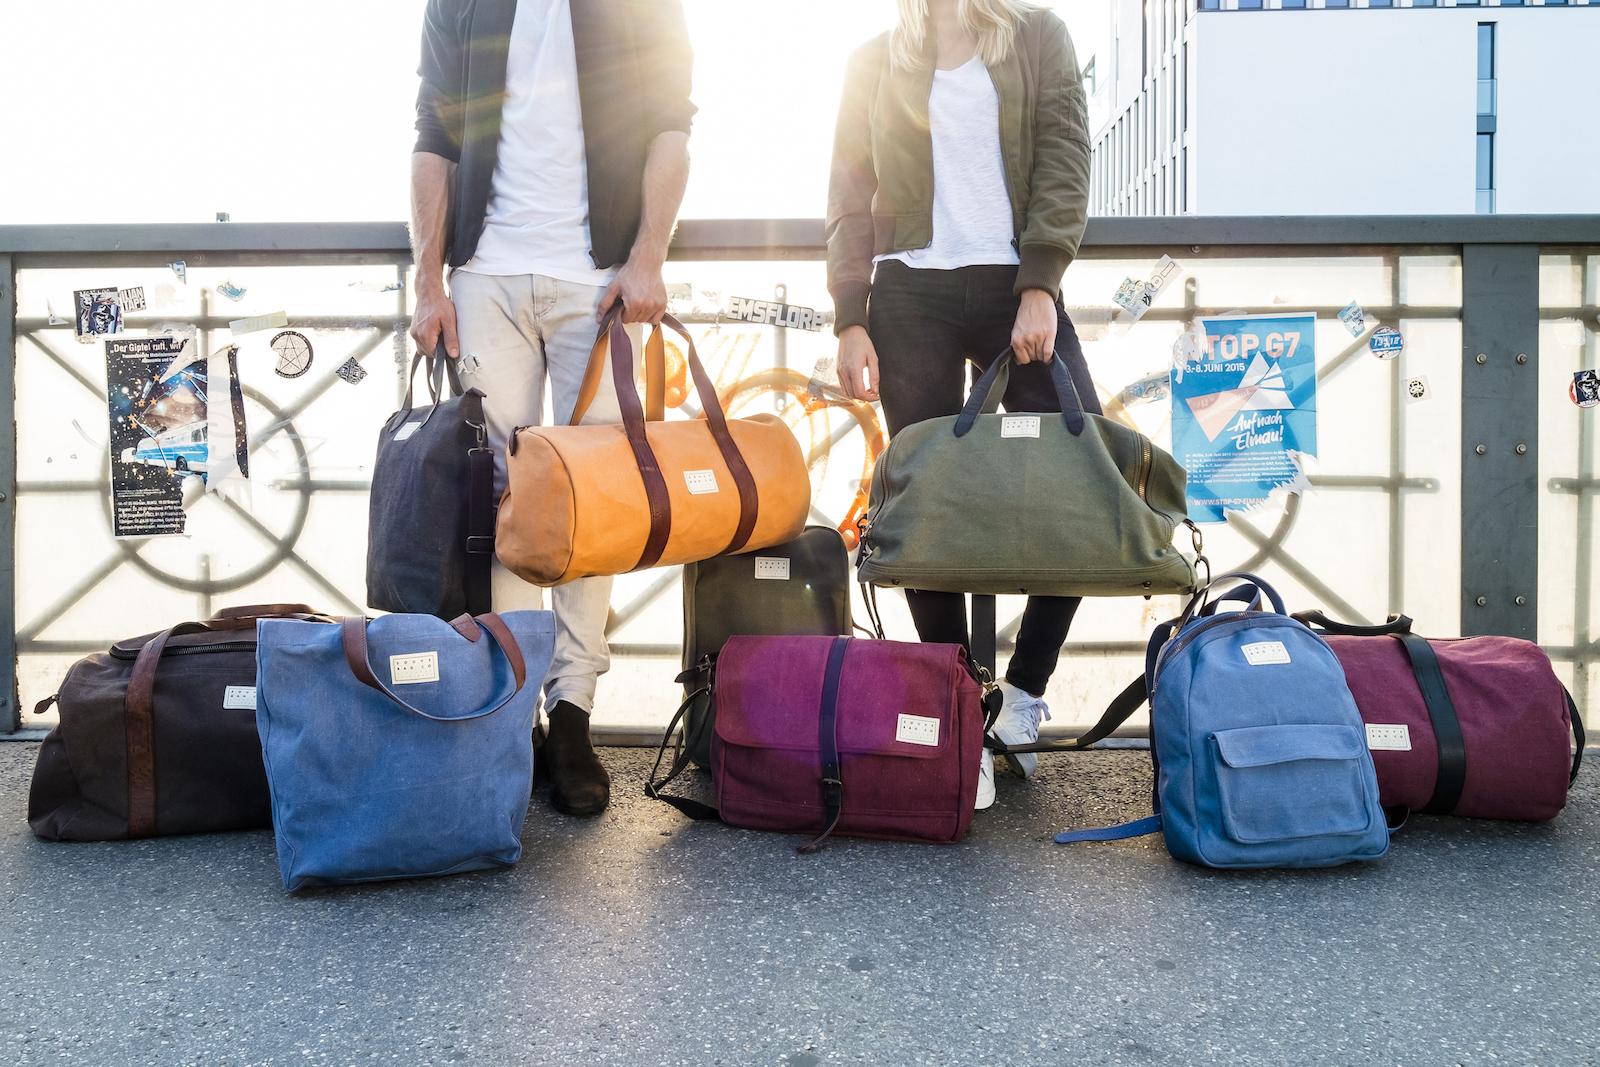 585bab698c88 SOUVE BAG COMPANY - Easy Traveller mit Stil